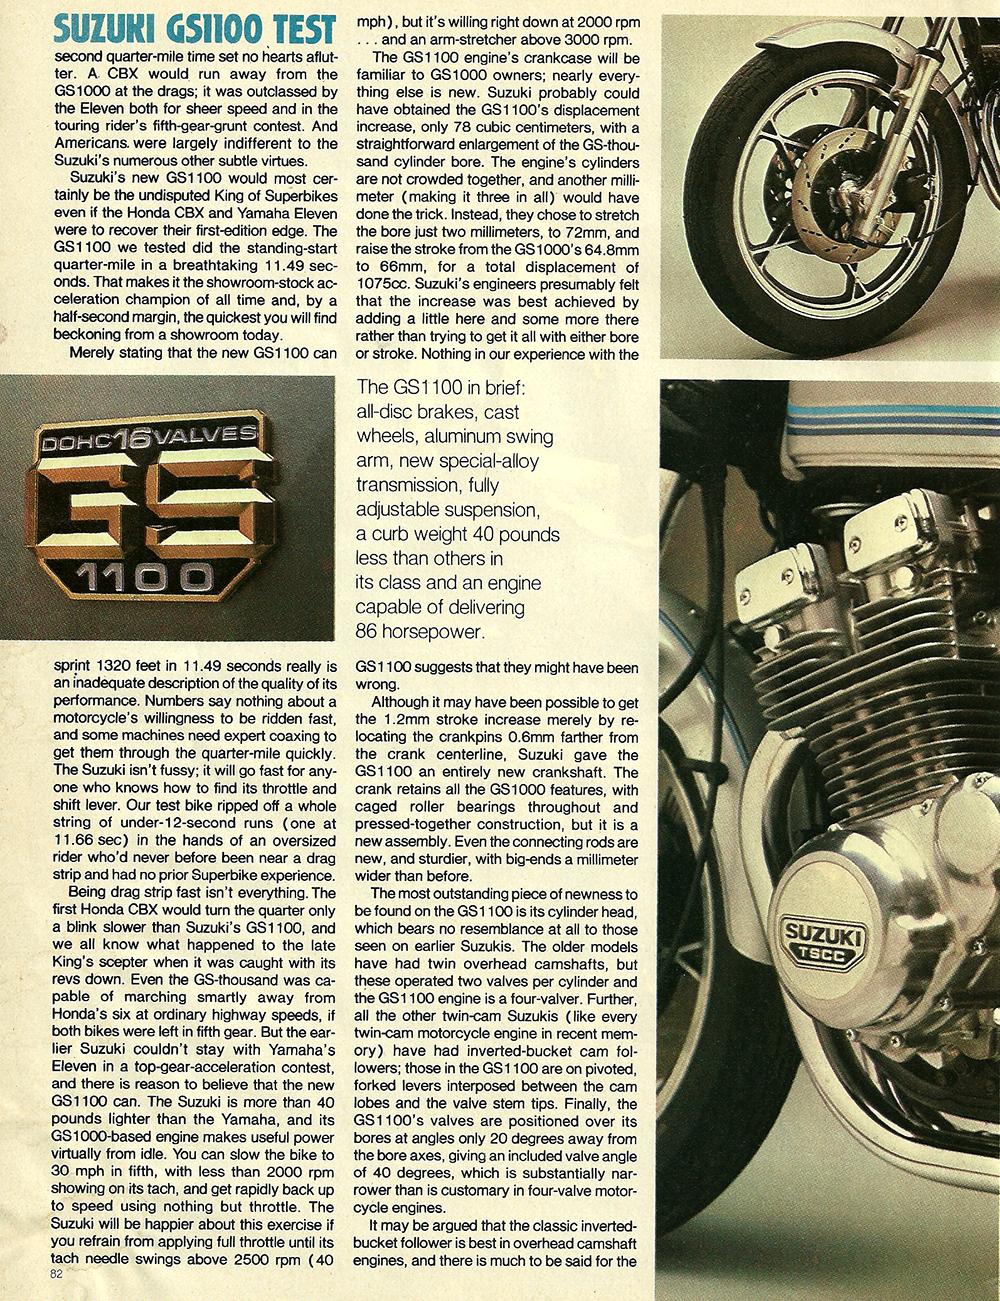 1980 Suzuki GS1100 ET road test 03.jpg